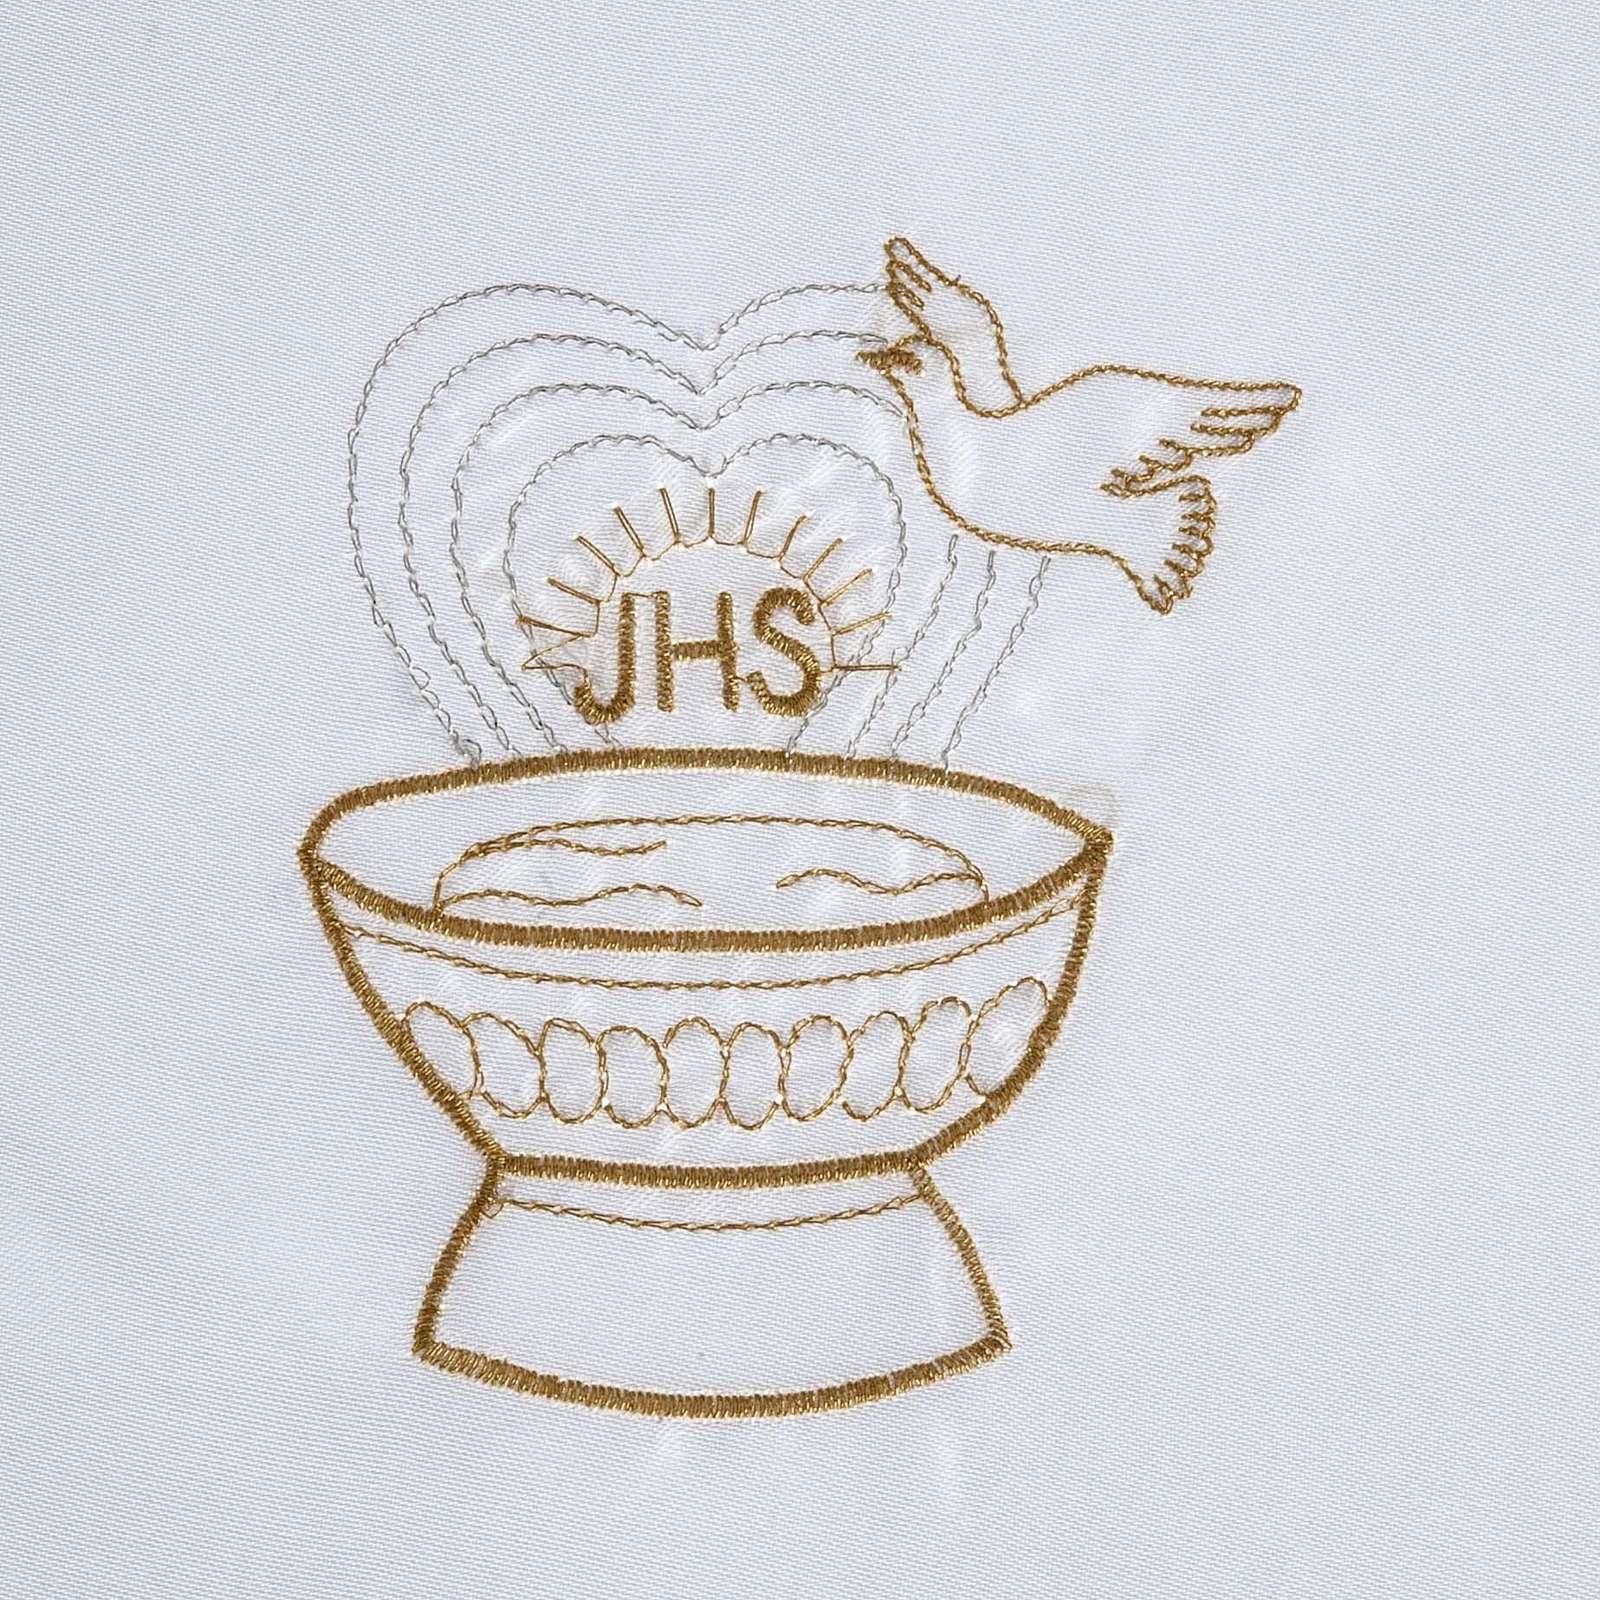 Brassière baptême colombe IHS et fonts baptismaux satin 4